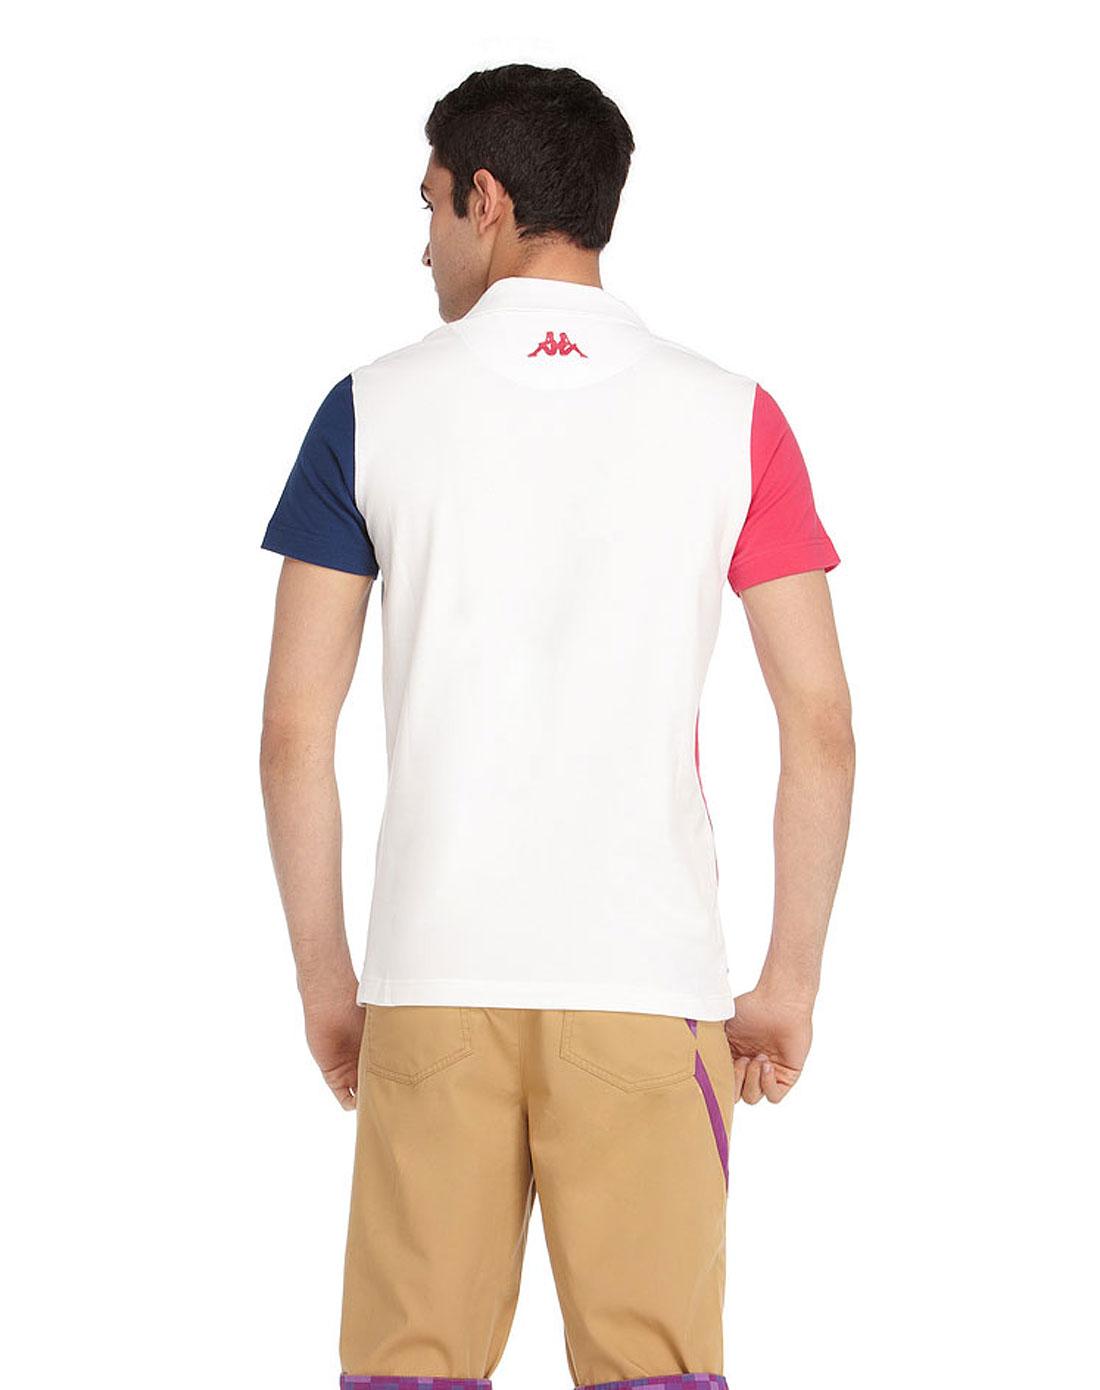 卡帕kappa男装专场-白色时尚短袖polo衫